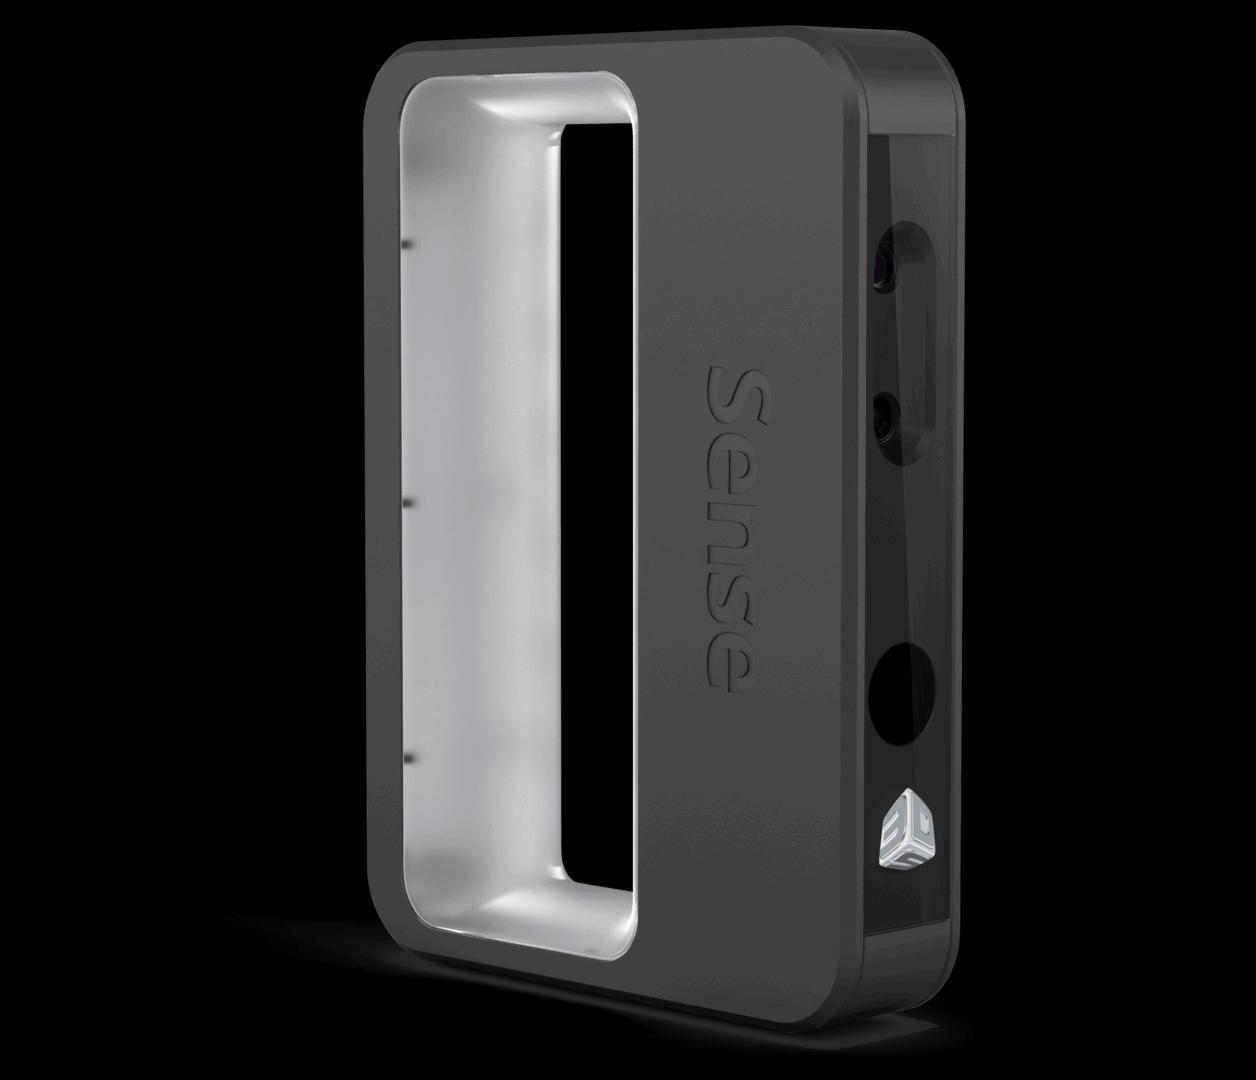 خرید اسکنر سه بعدی Cubify Sense